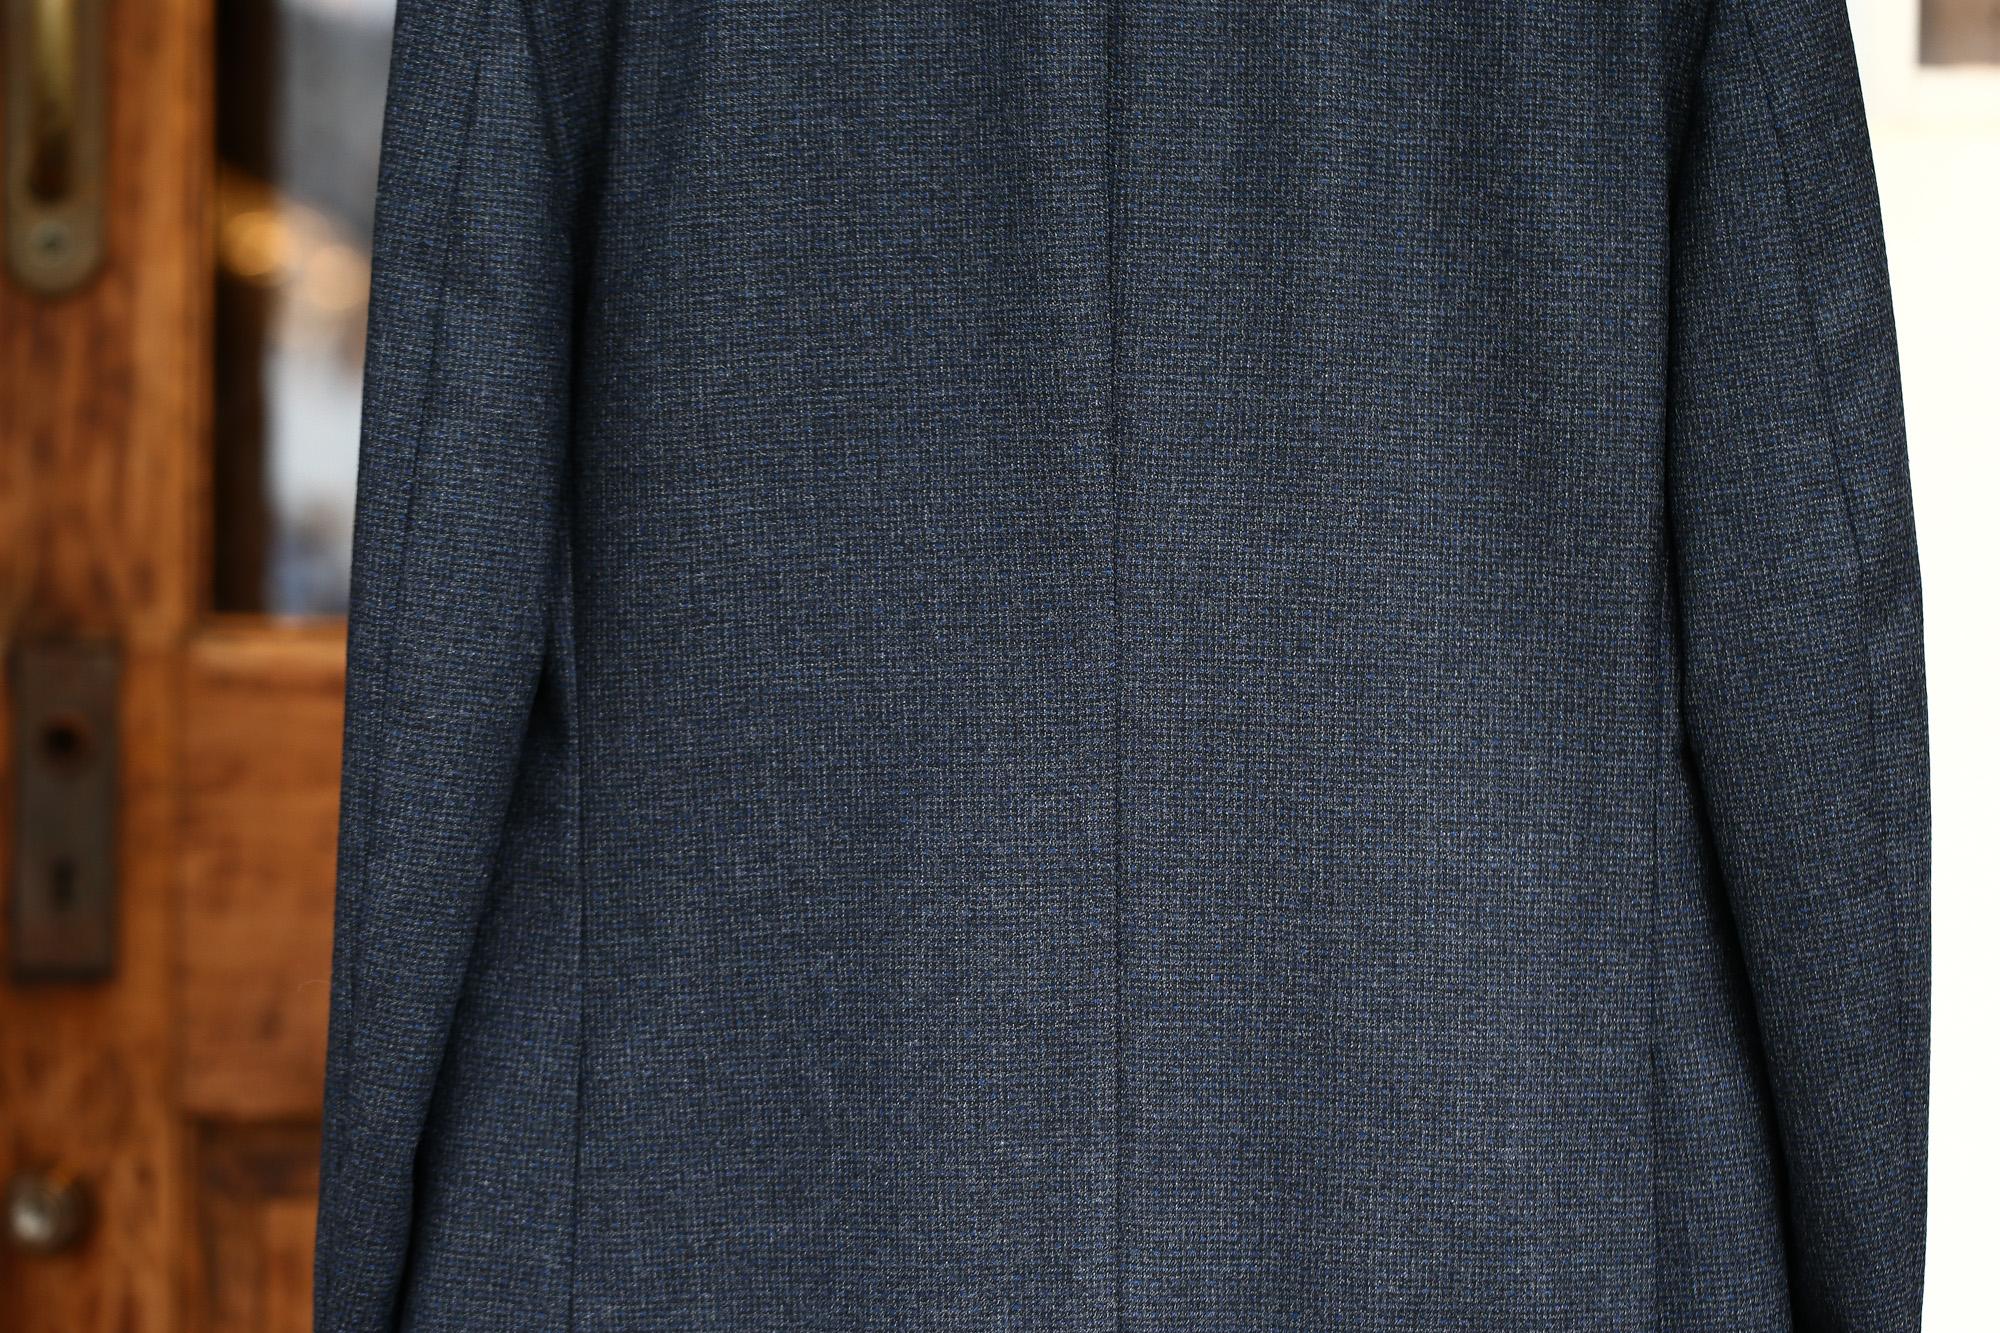 BOGLIOLI MILANO (ボリオリ ミラノ) SFORZA (スフォルツァ) サキソニーウール生地 メランジ 2B スーツ CHARCOAL (チャコール・79) Made in italy (イタリア製) 2017 秋冬新作 boglioli ボリオリ スーツ SUIT 愛知 名古屋 ZODIAC ゾディアック